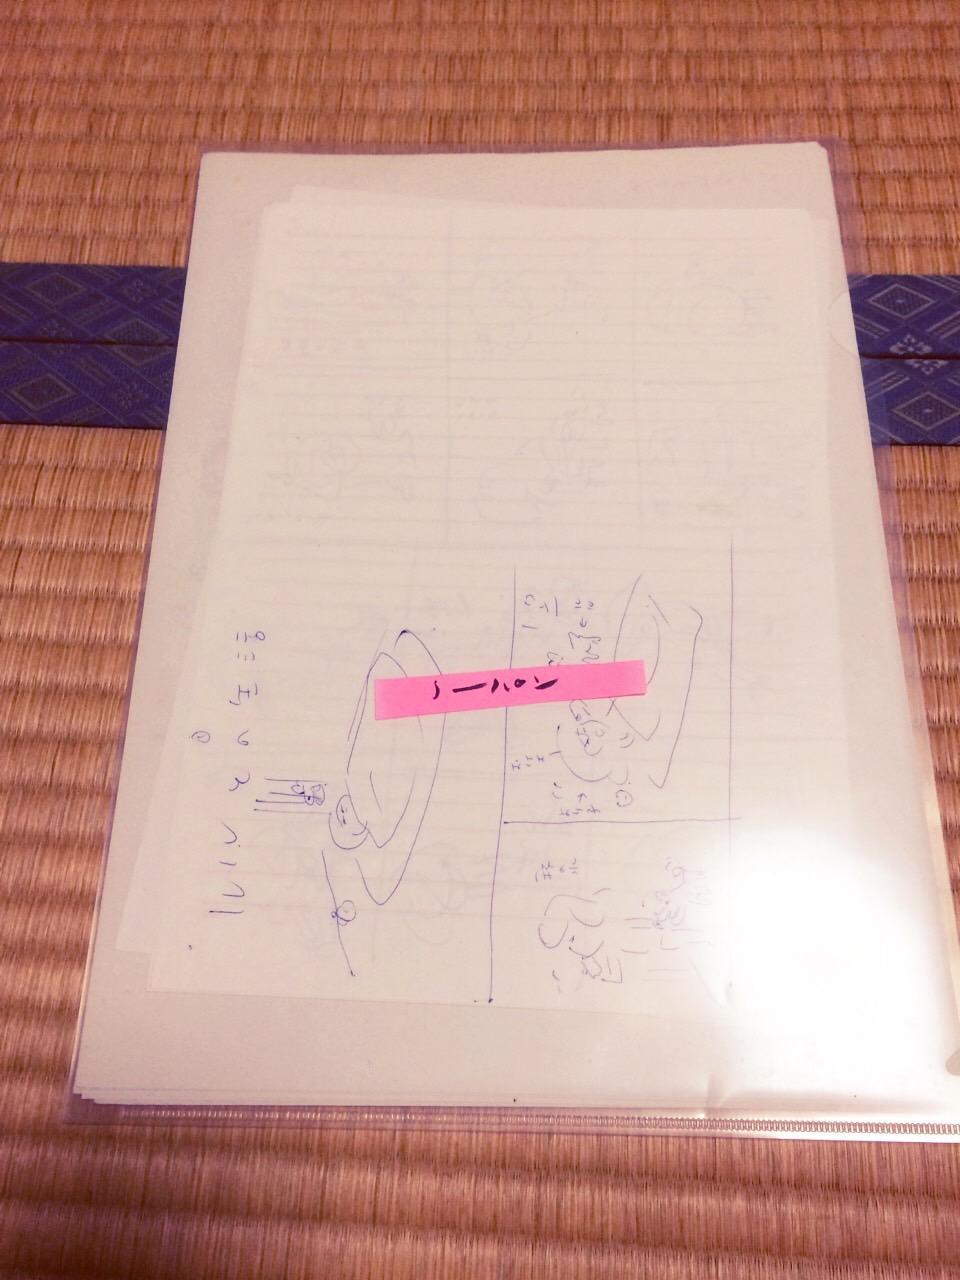 『ロビン西の描き捨てノートマンガ2004-2014』 第17回